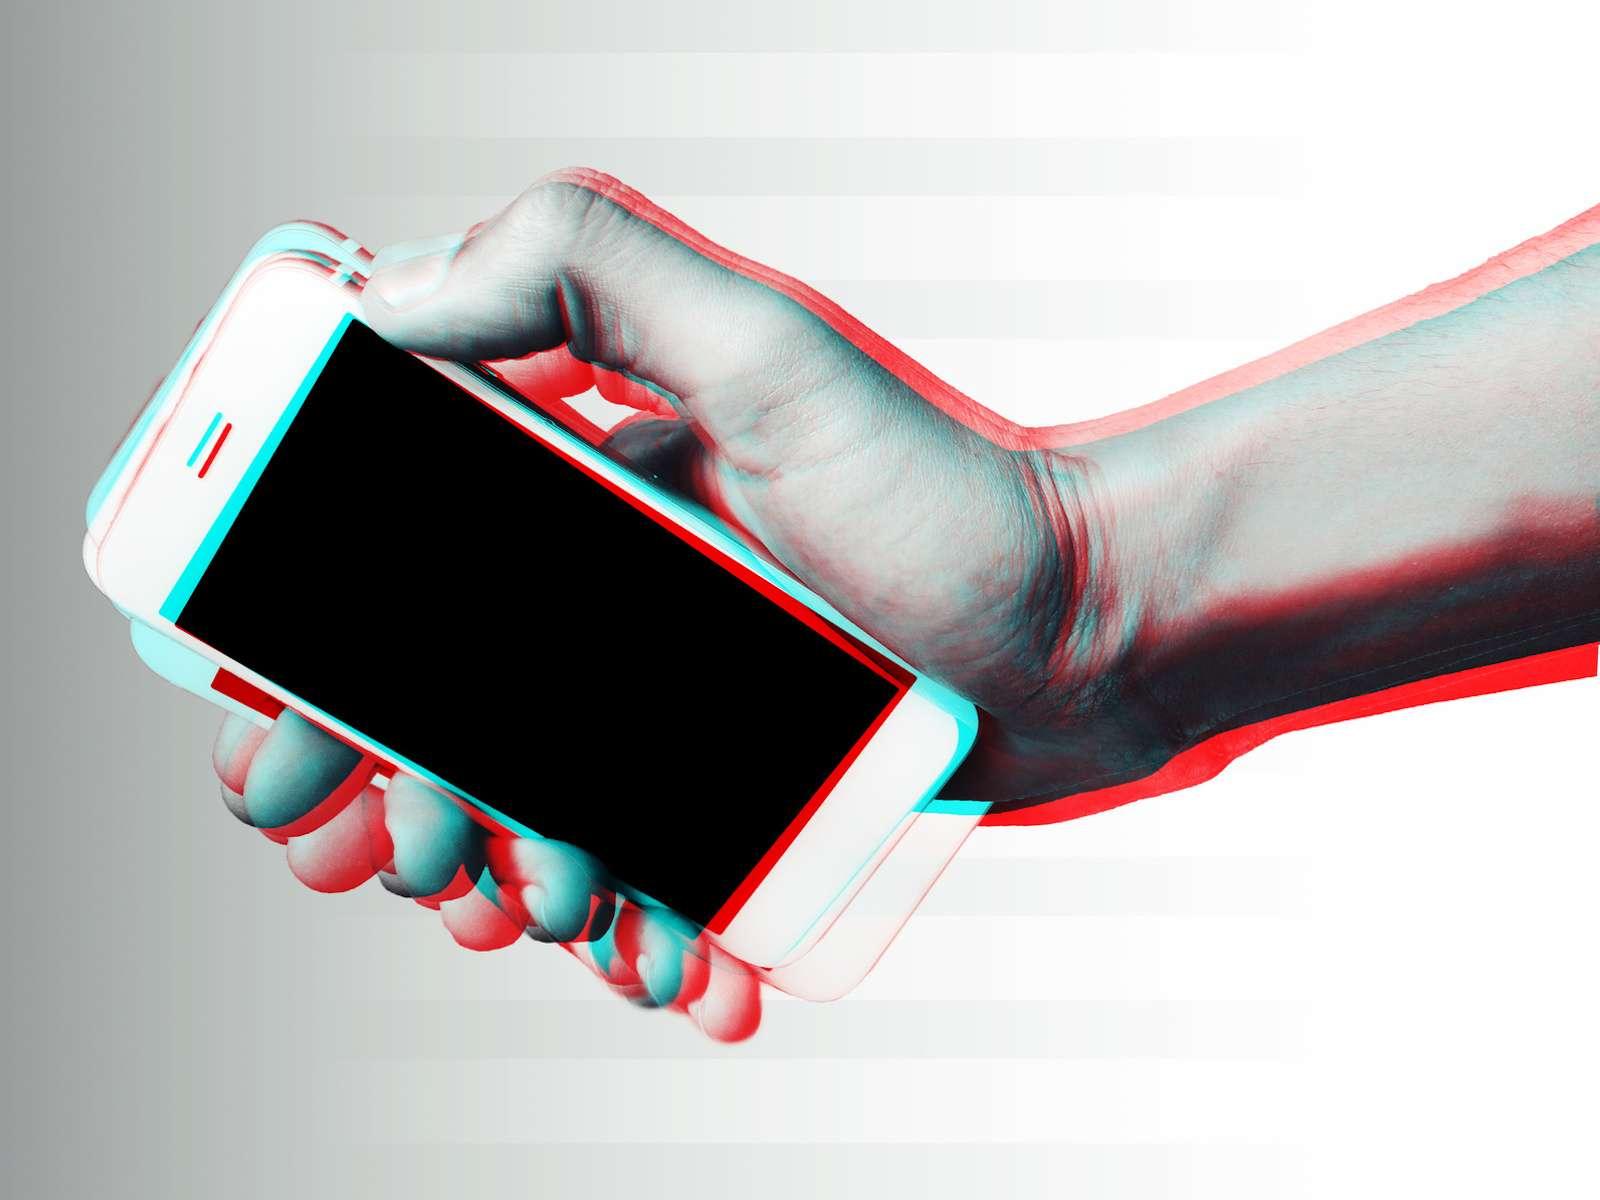 Les vibrations du téléphone créent des ondes dans le liquide qui peuvent être mesurées par l'accéléromètre. Ces ondes peuvent ensuite être analysées pour déterminer la nature du liquide. © Morocko, Fotolia